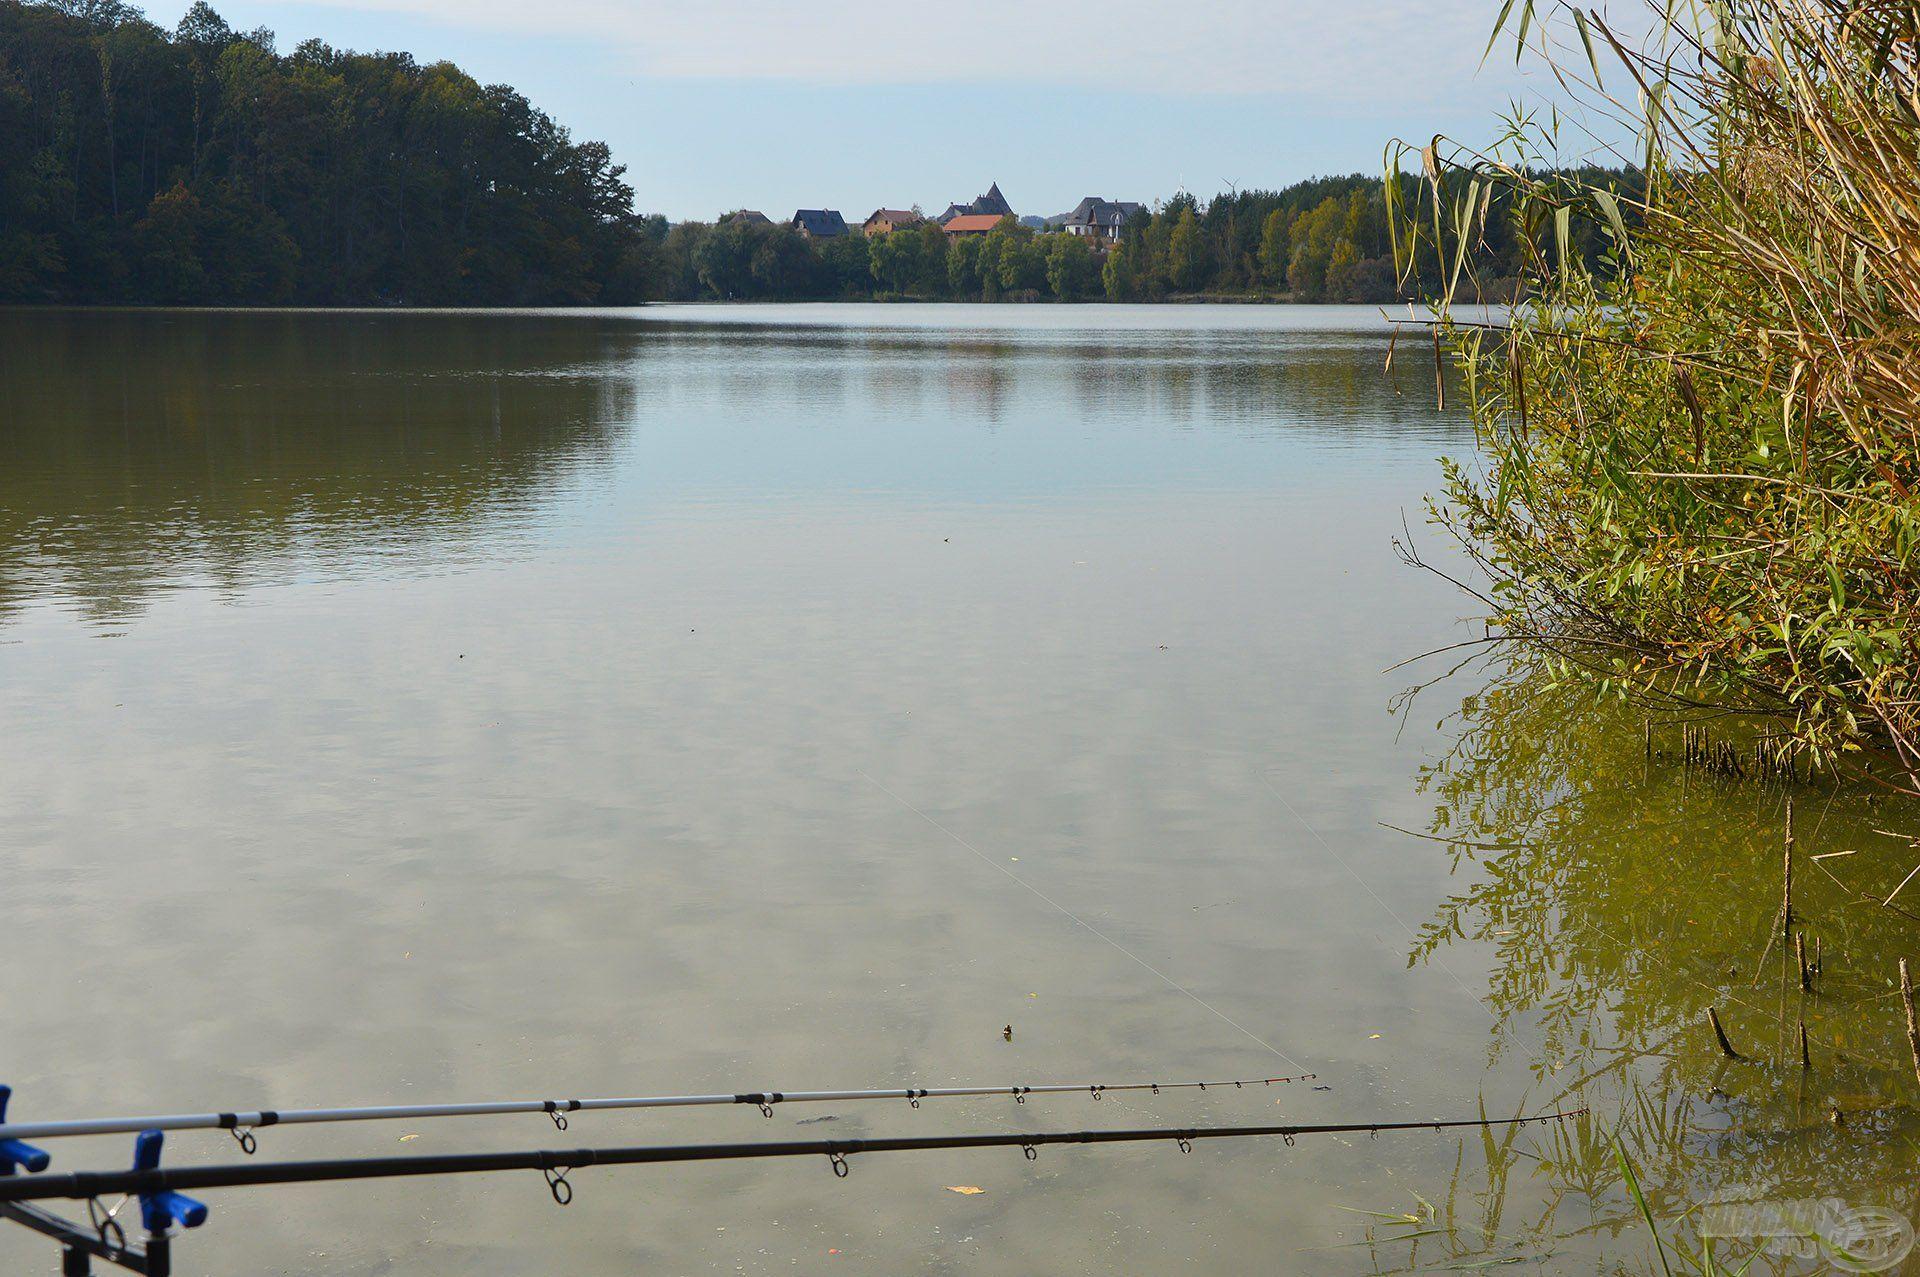 Nagyon szép őszi időben és környezetben várhatták spicceim a kapást